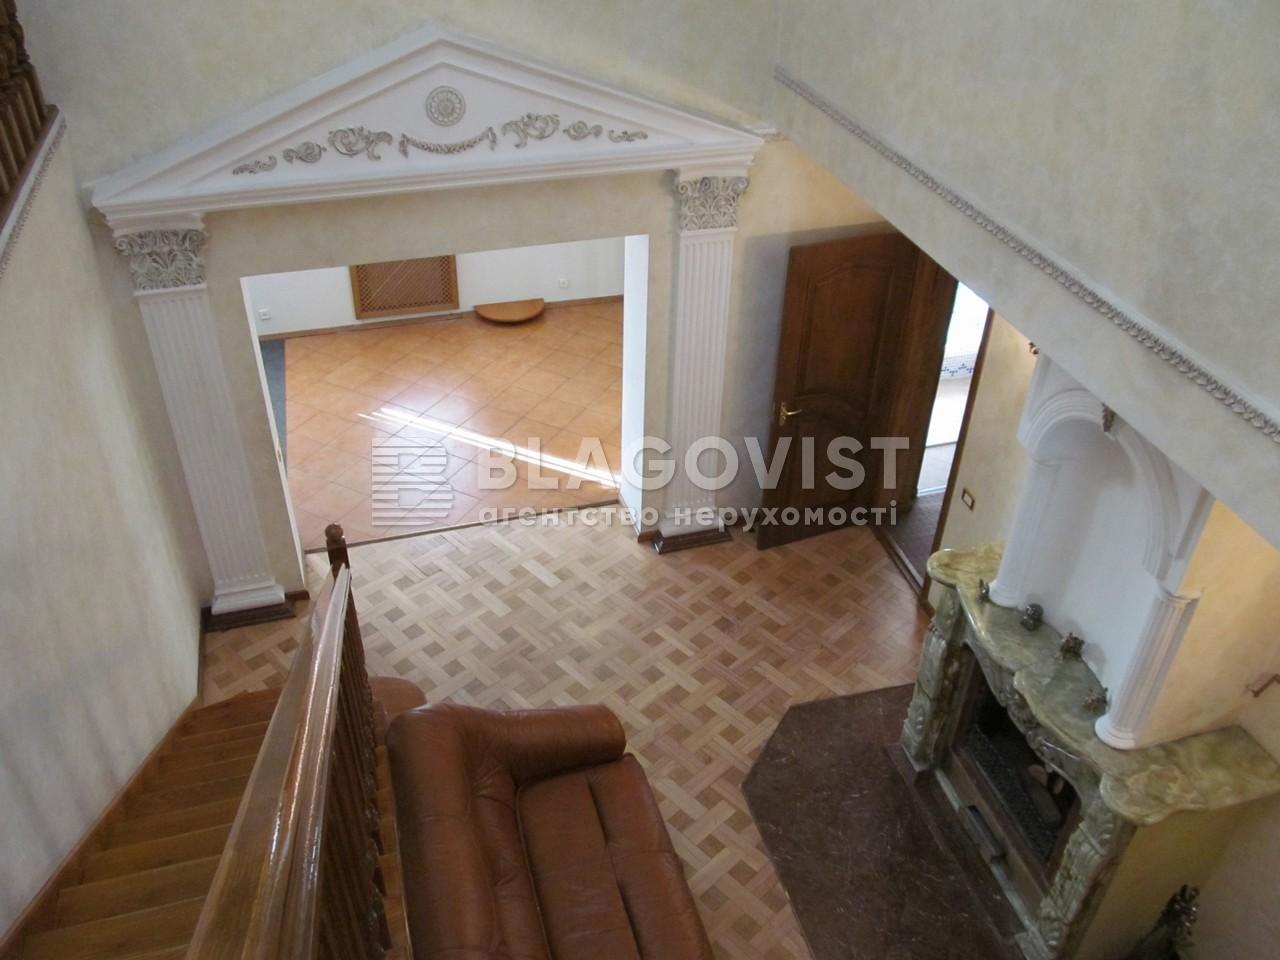 Дом C-102196, Пражская, Киев - Фото 4